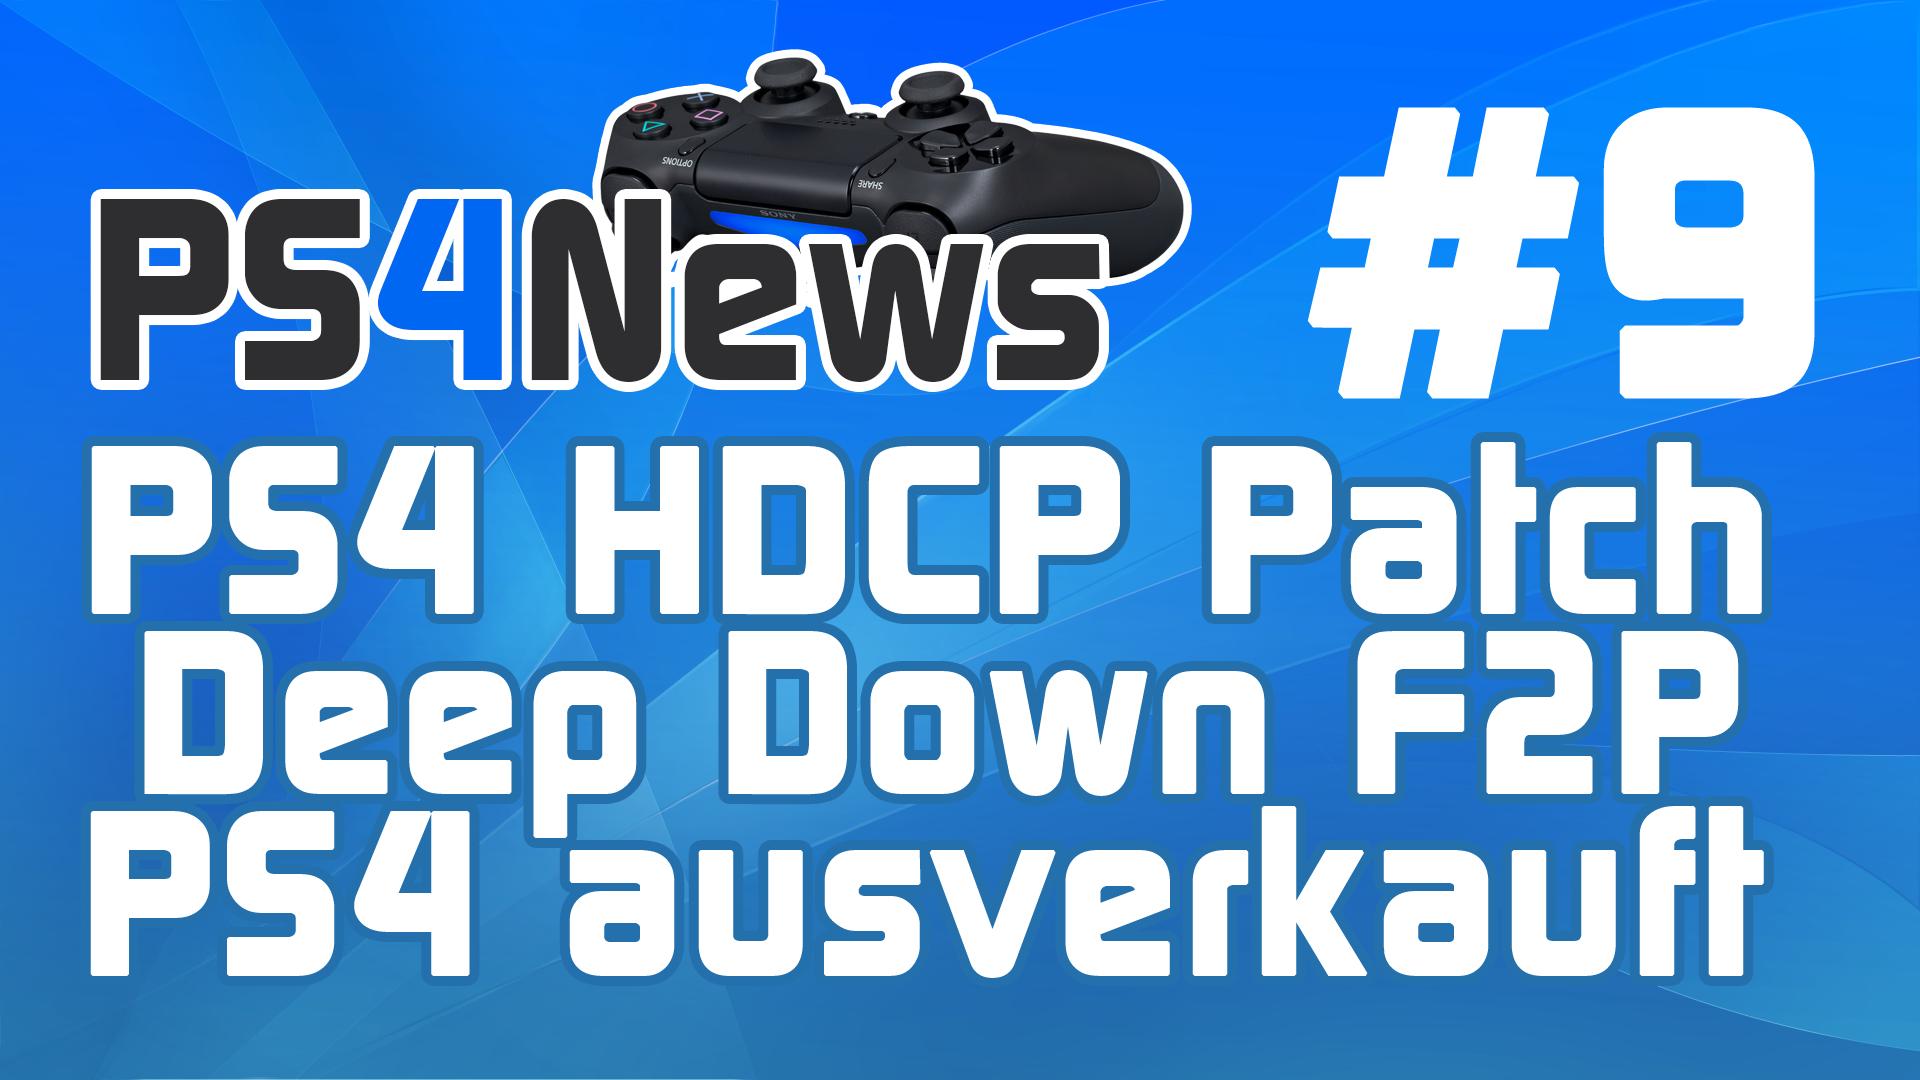 PSNews #9 Deep Down F2P – PS4 HDCP Update – PS4 ausverkauft